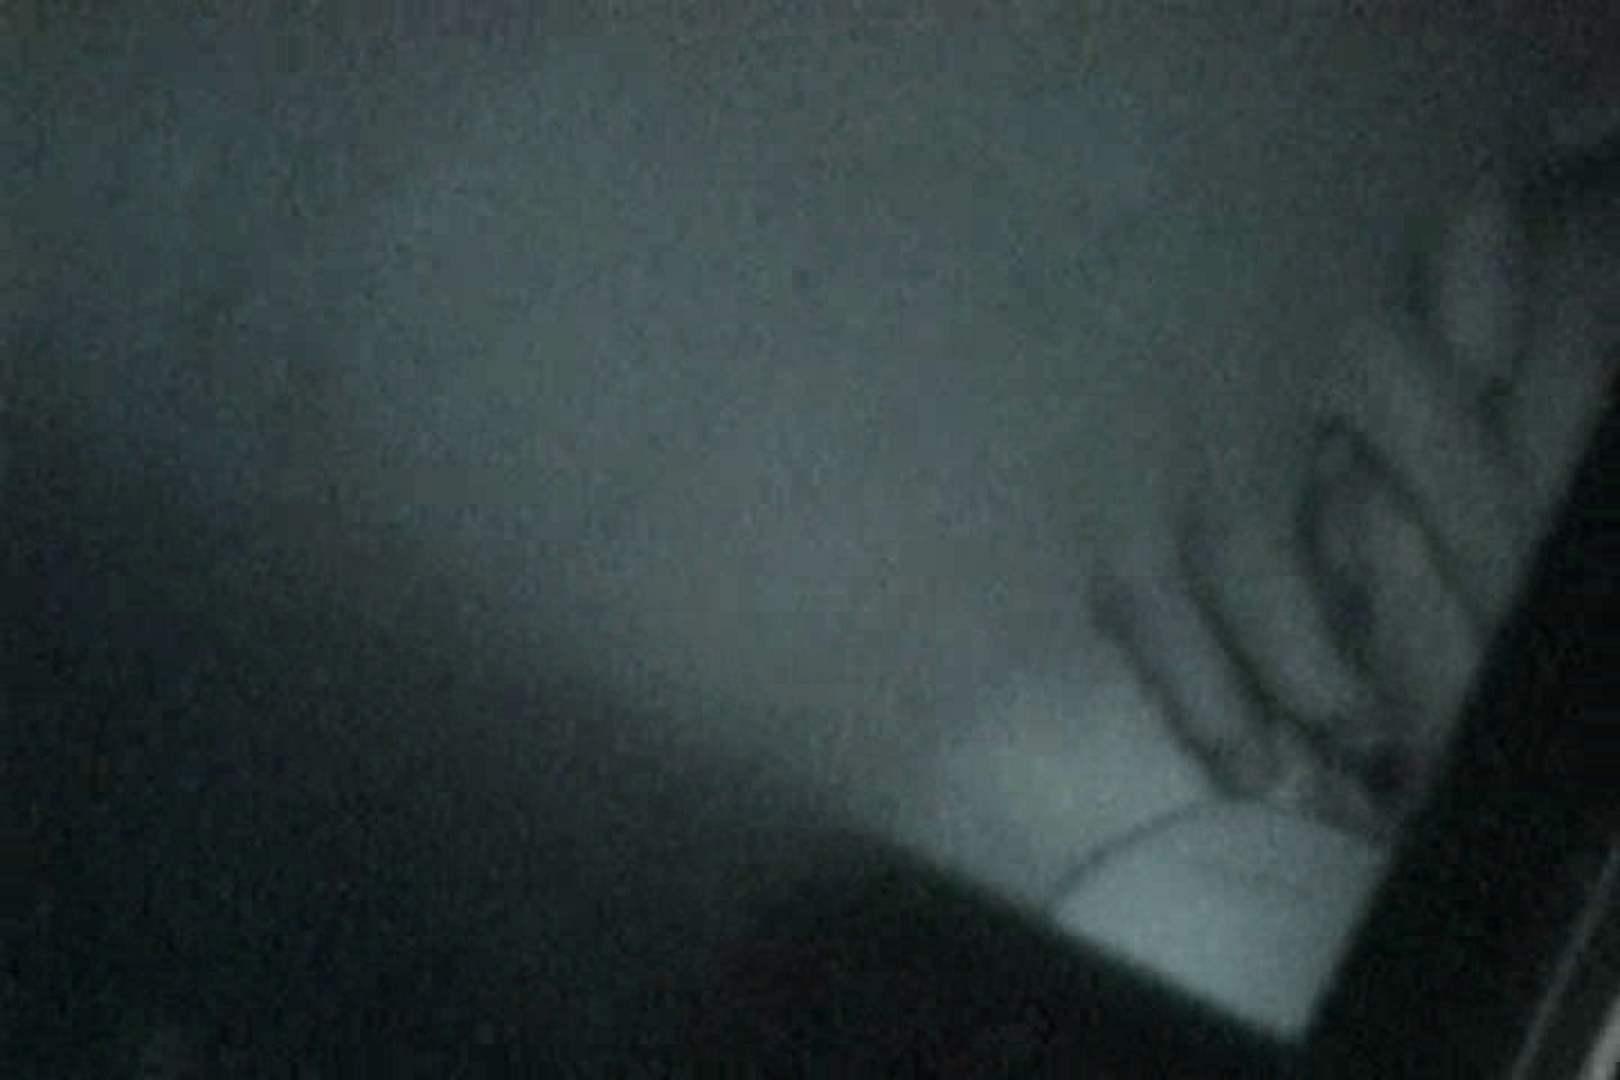 「充血監督」さんの深夜の運動会!! vol.135 パイパンな女性達 ぱこり動画紹介 64画像 25